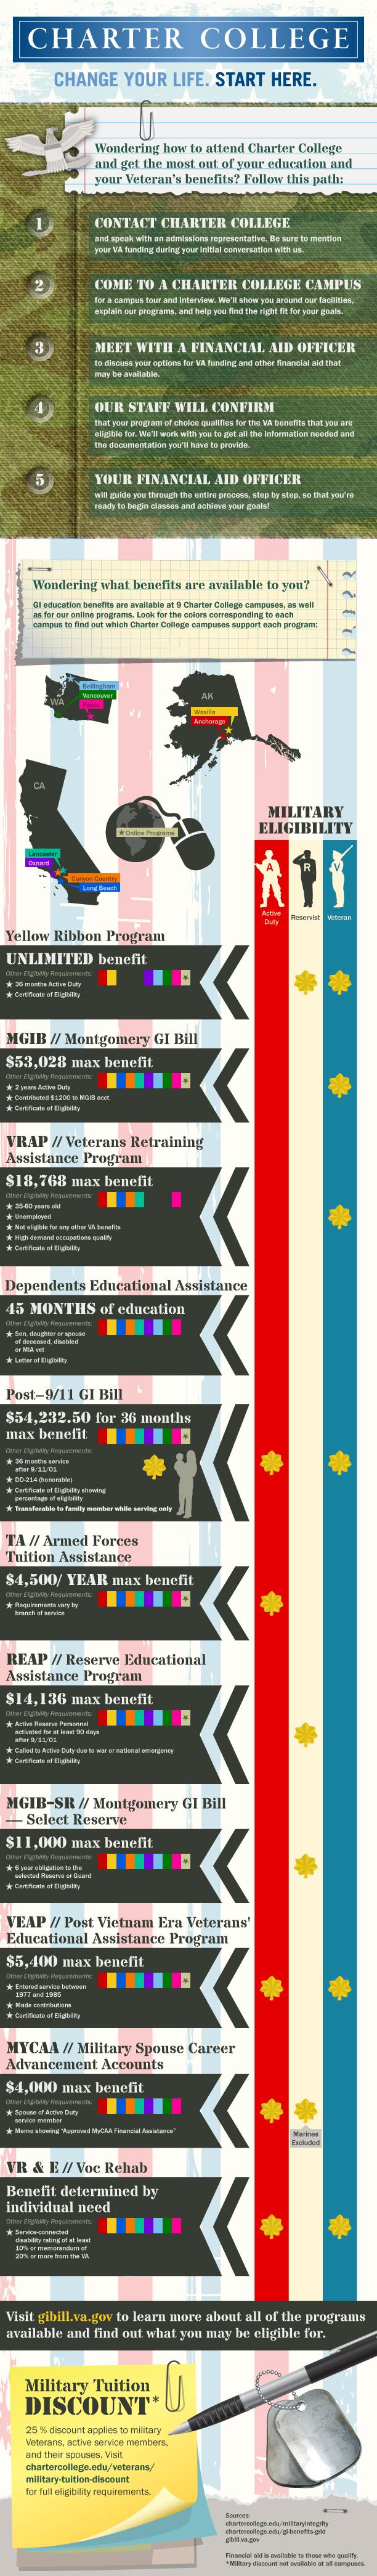 GI Graphic Gi bill, Infographic, Education